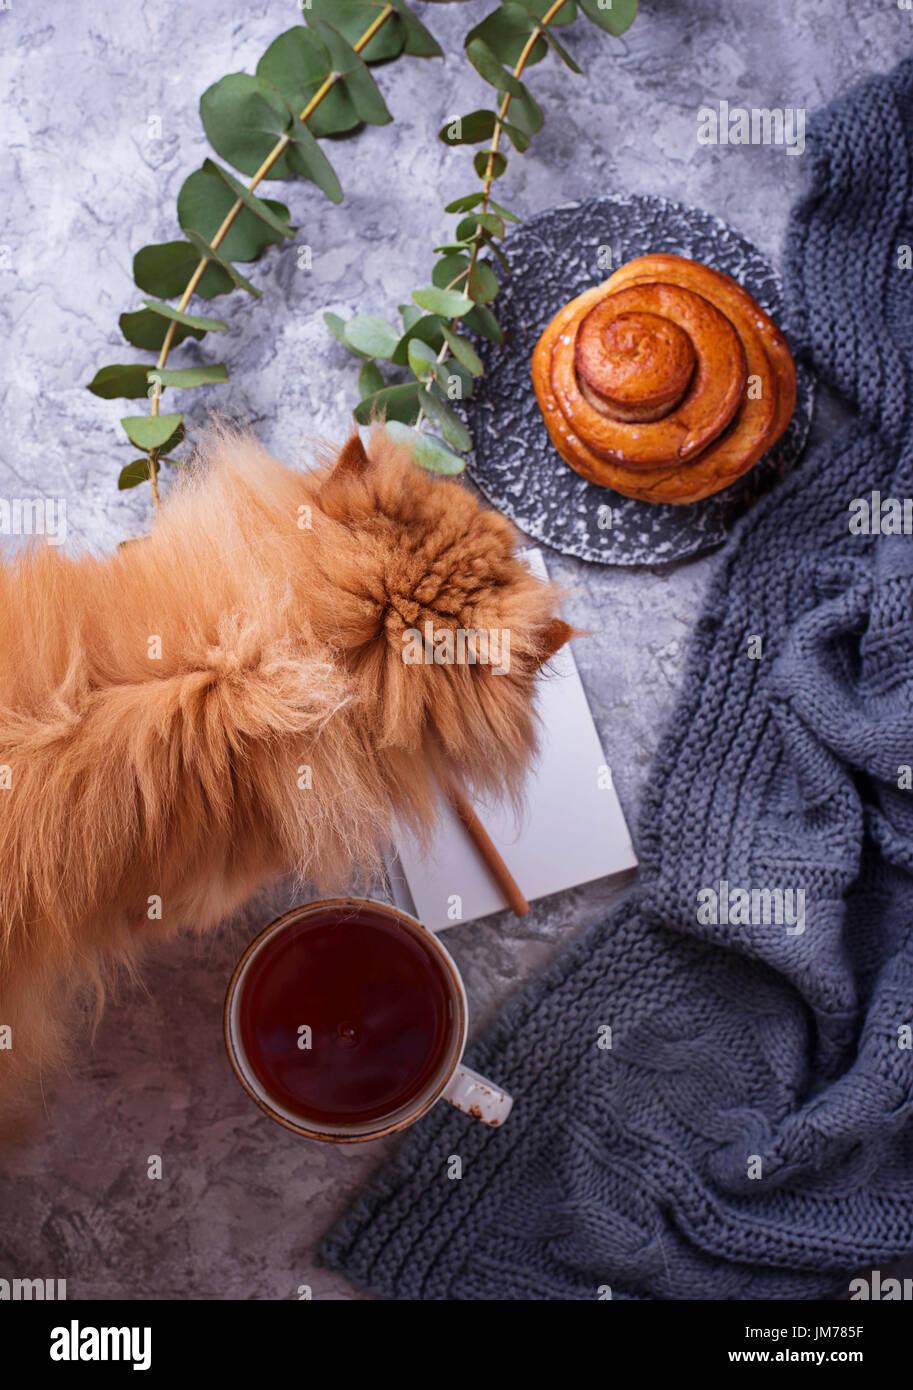 Feminine Arbeitsbereich mit Brötchen, Tee, Notebook und rote Katze. Flach legen, Top Aussicht Stockbild